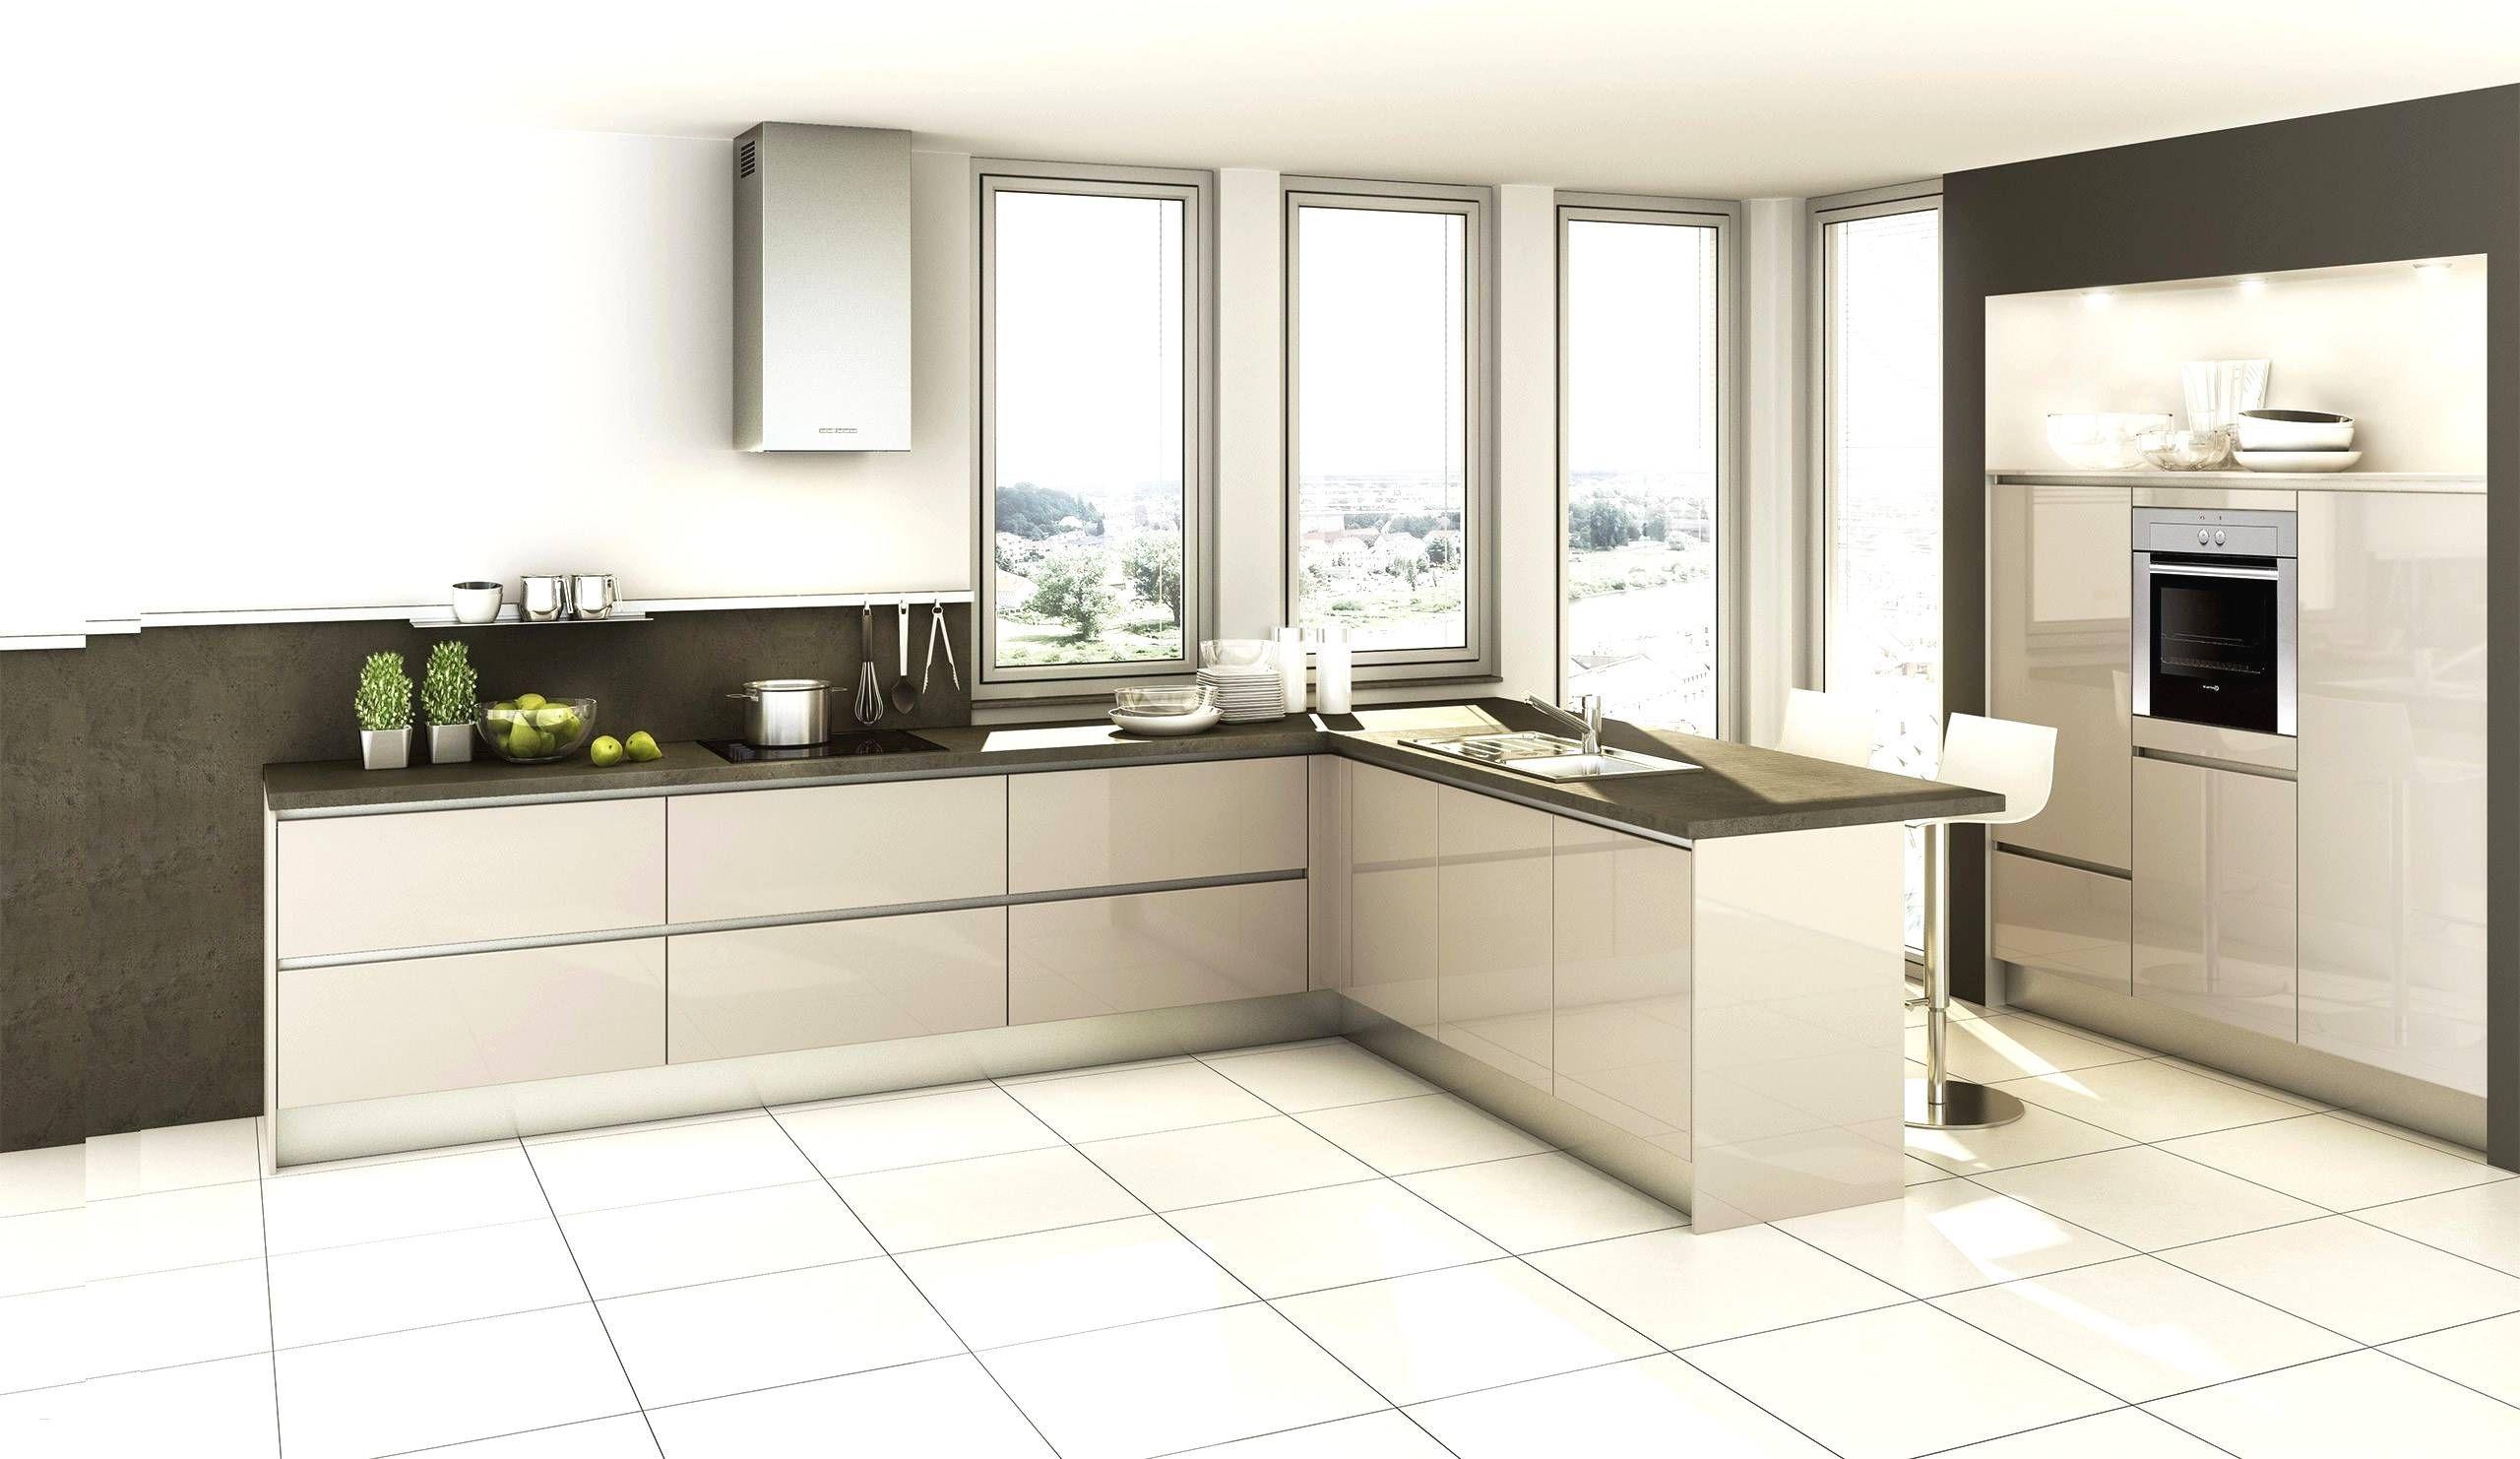 44 Neu Kuchen Unterschrank Ohne Arbeitsplatte Kitchen Remodel Kitchen Cabinets Home Decor